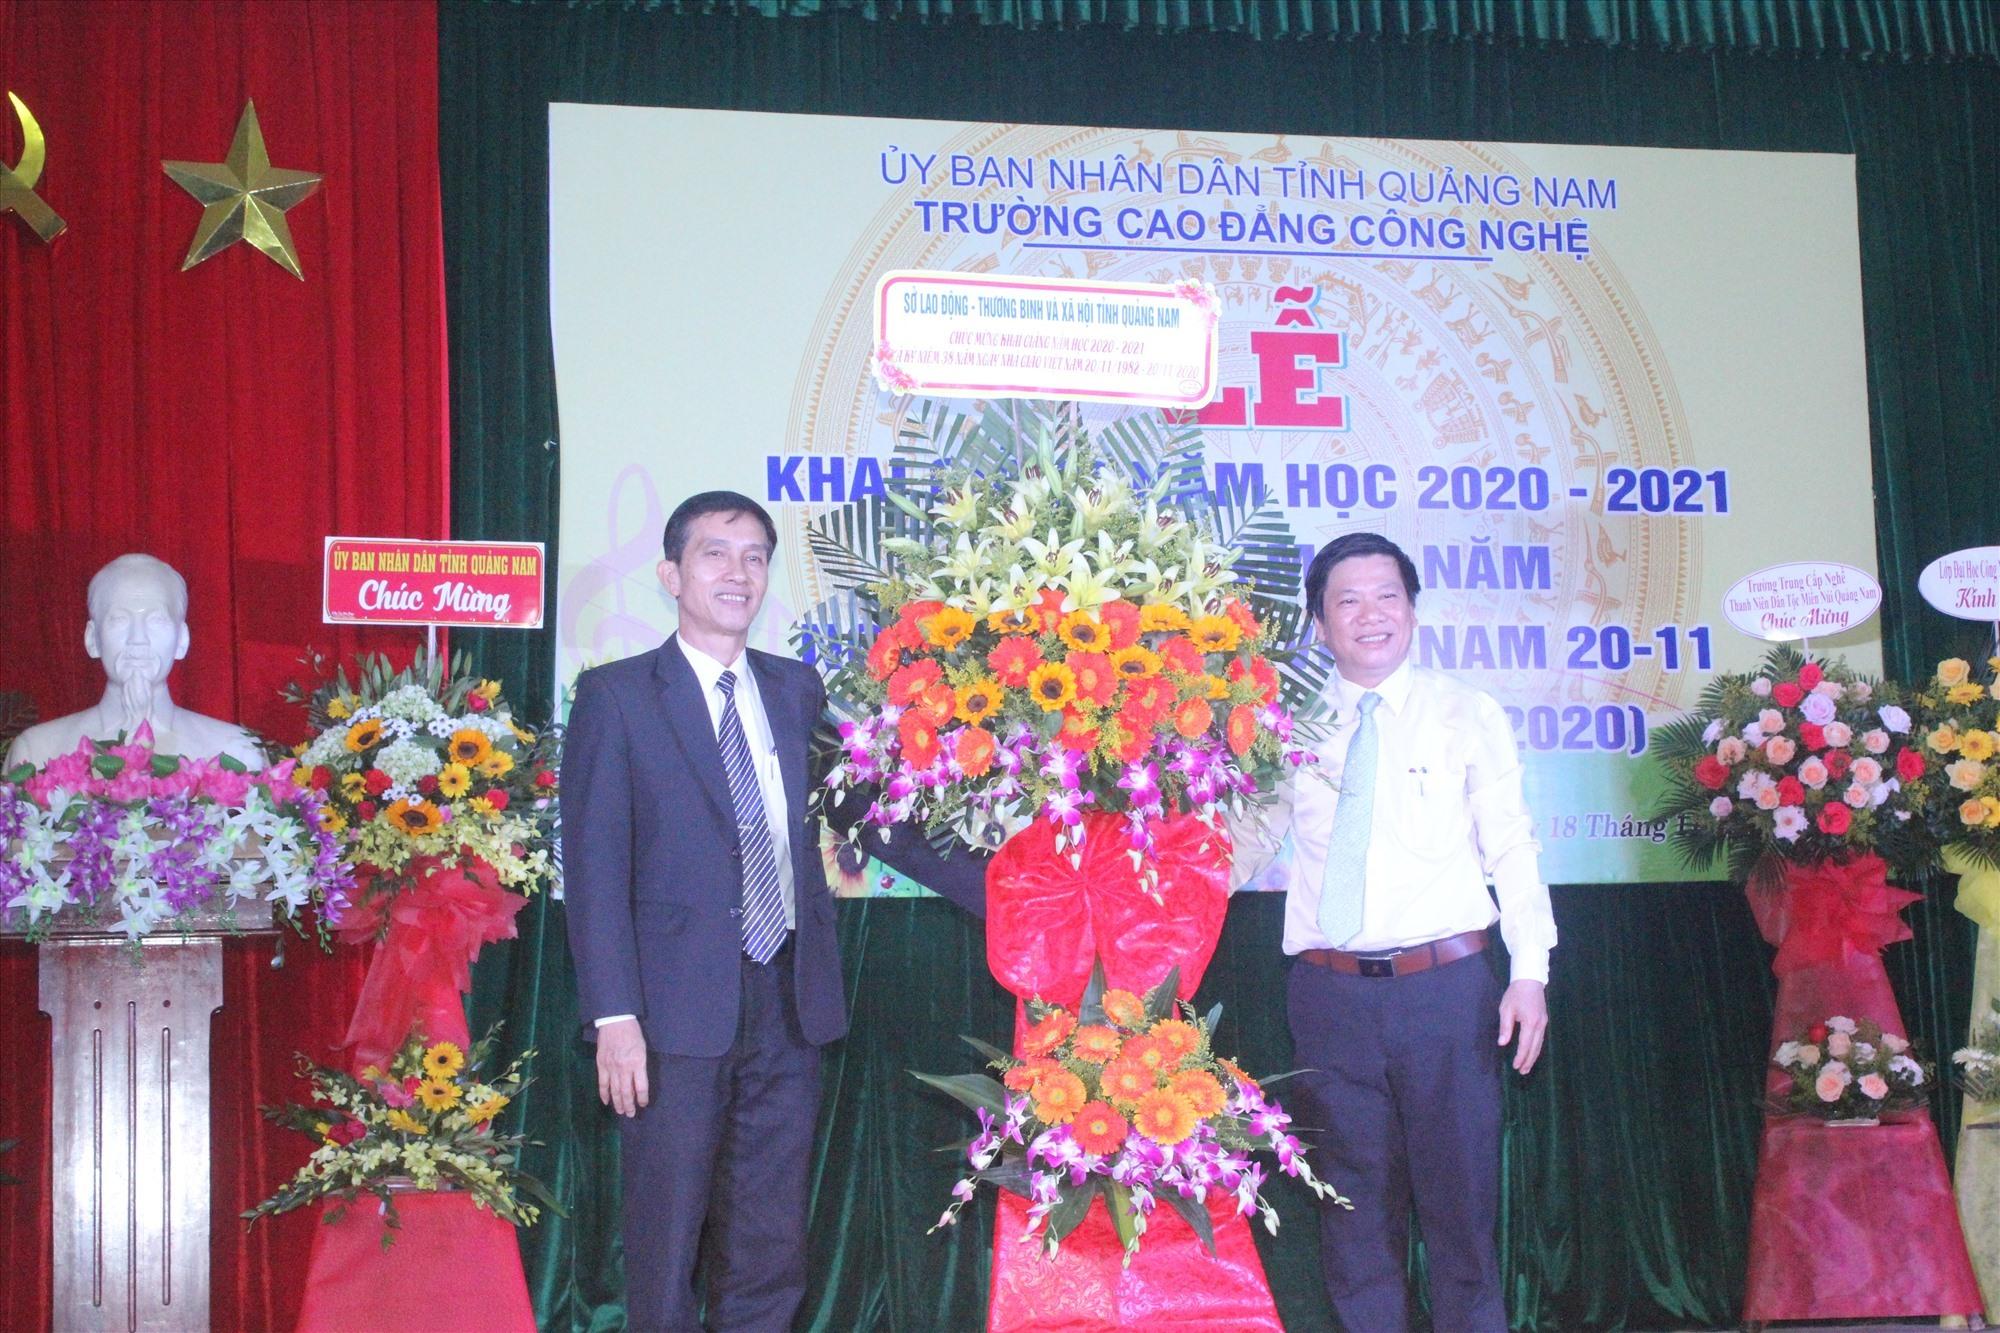 Lãnh đạo Sở LĐ-TB&XH tỉnh tặng hoa chúc mừng năm học mới cũng như Ngày Nhà giáo Việt Nam đối với tập thể nhà trường. Ảnh: D.L